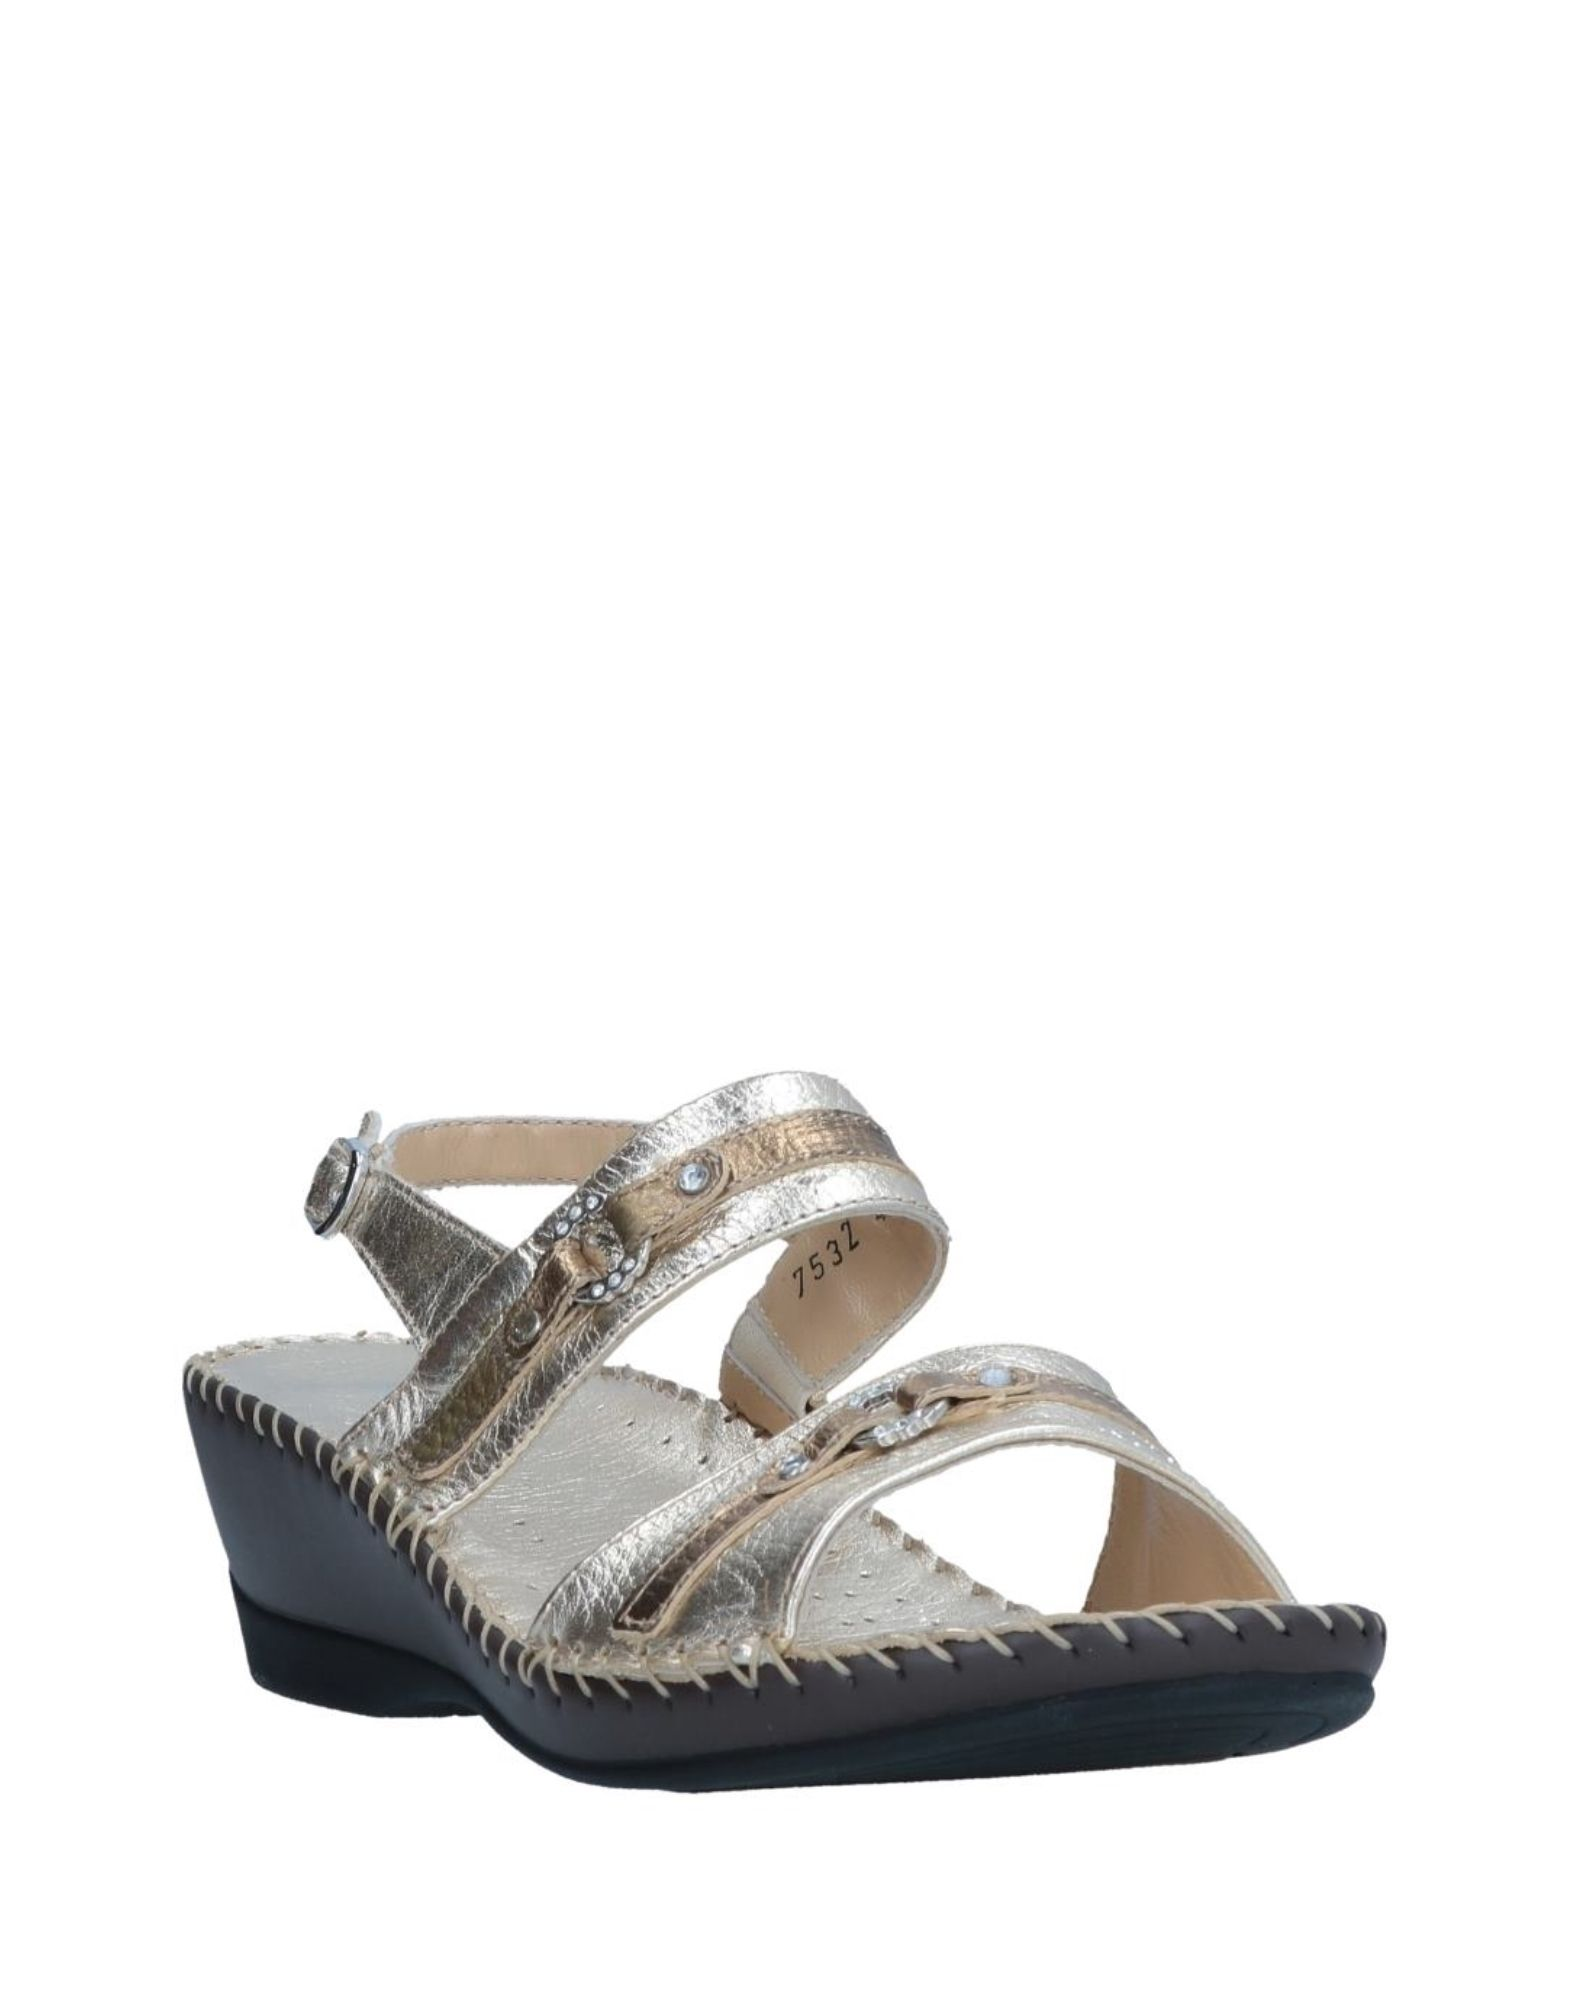 Melluso Gute Sandalen Damen  11544202QN Gute Melluso Qualität beliebte Schuhe 29f8d2